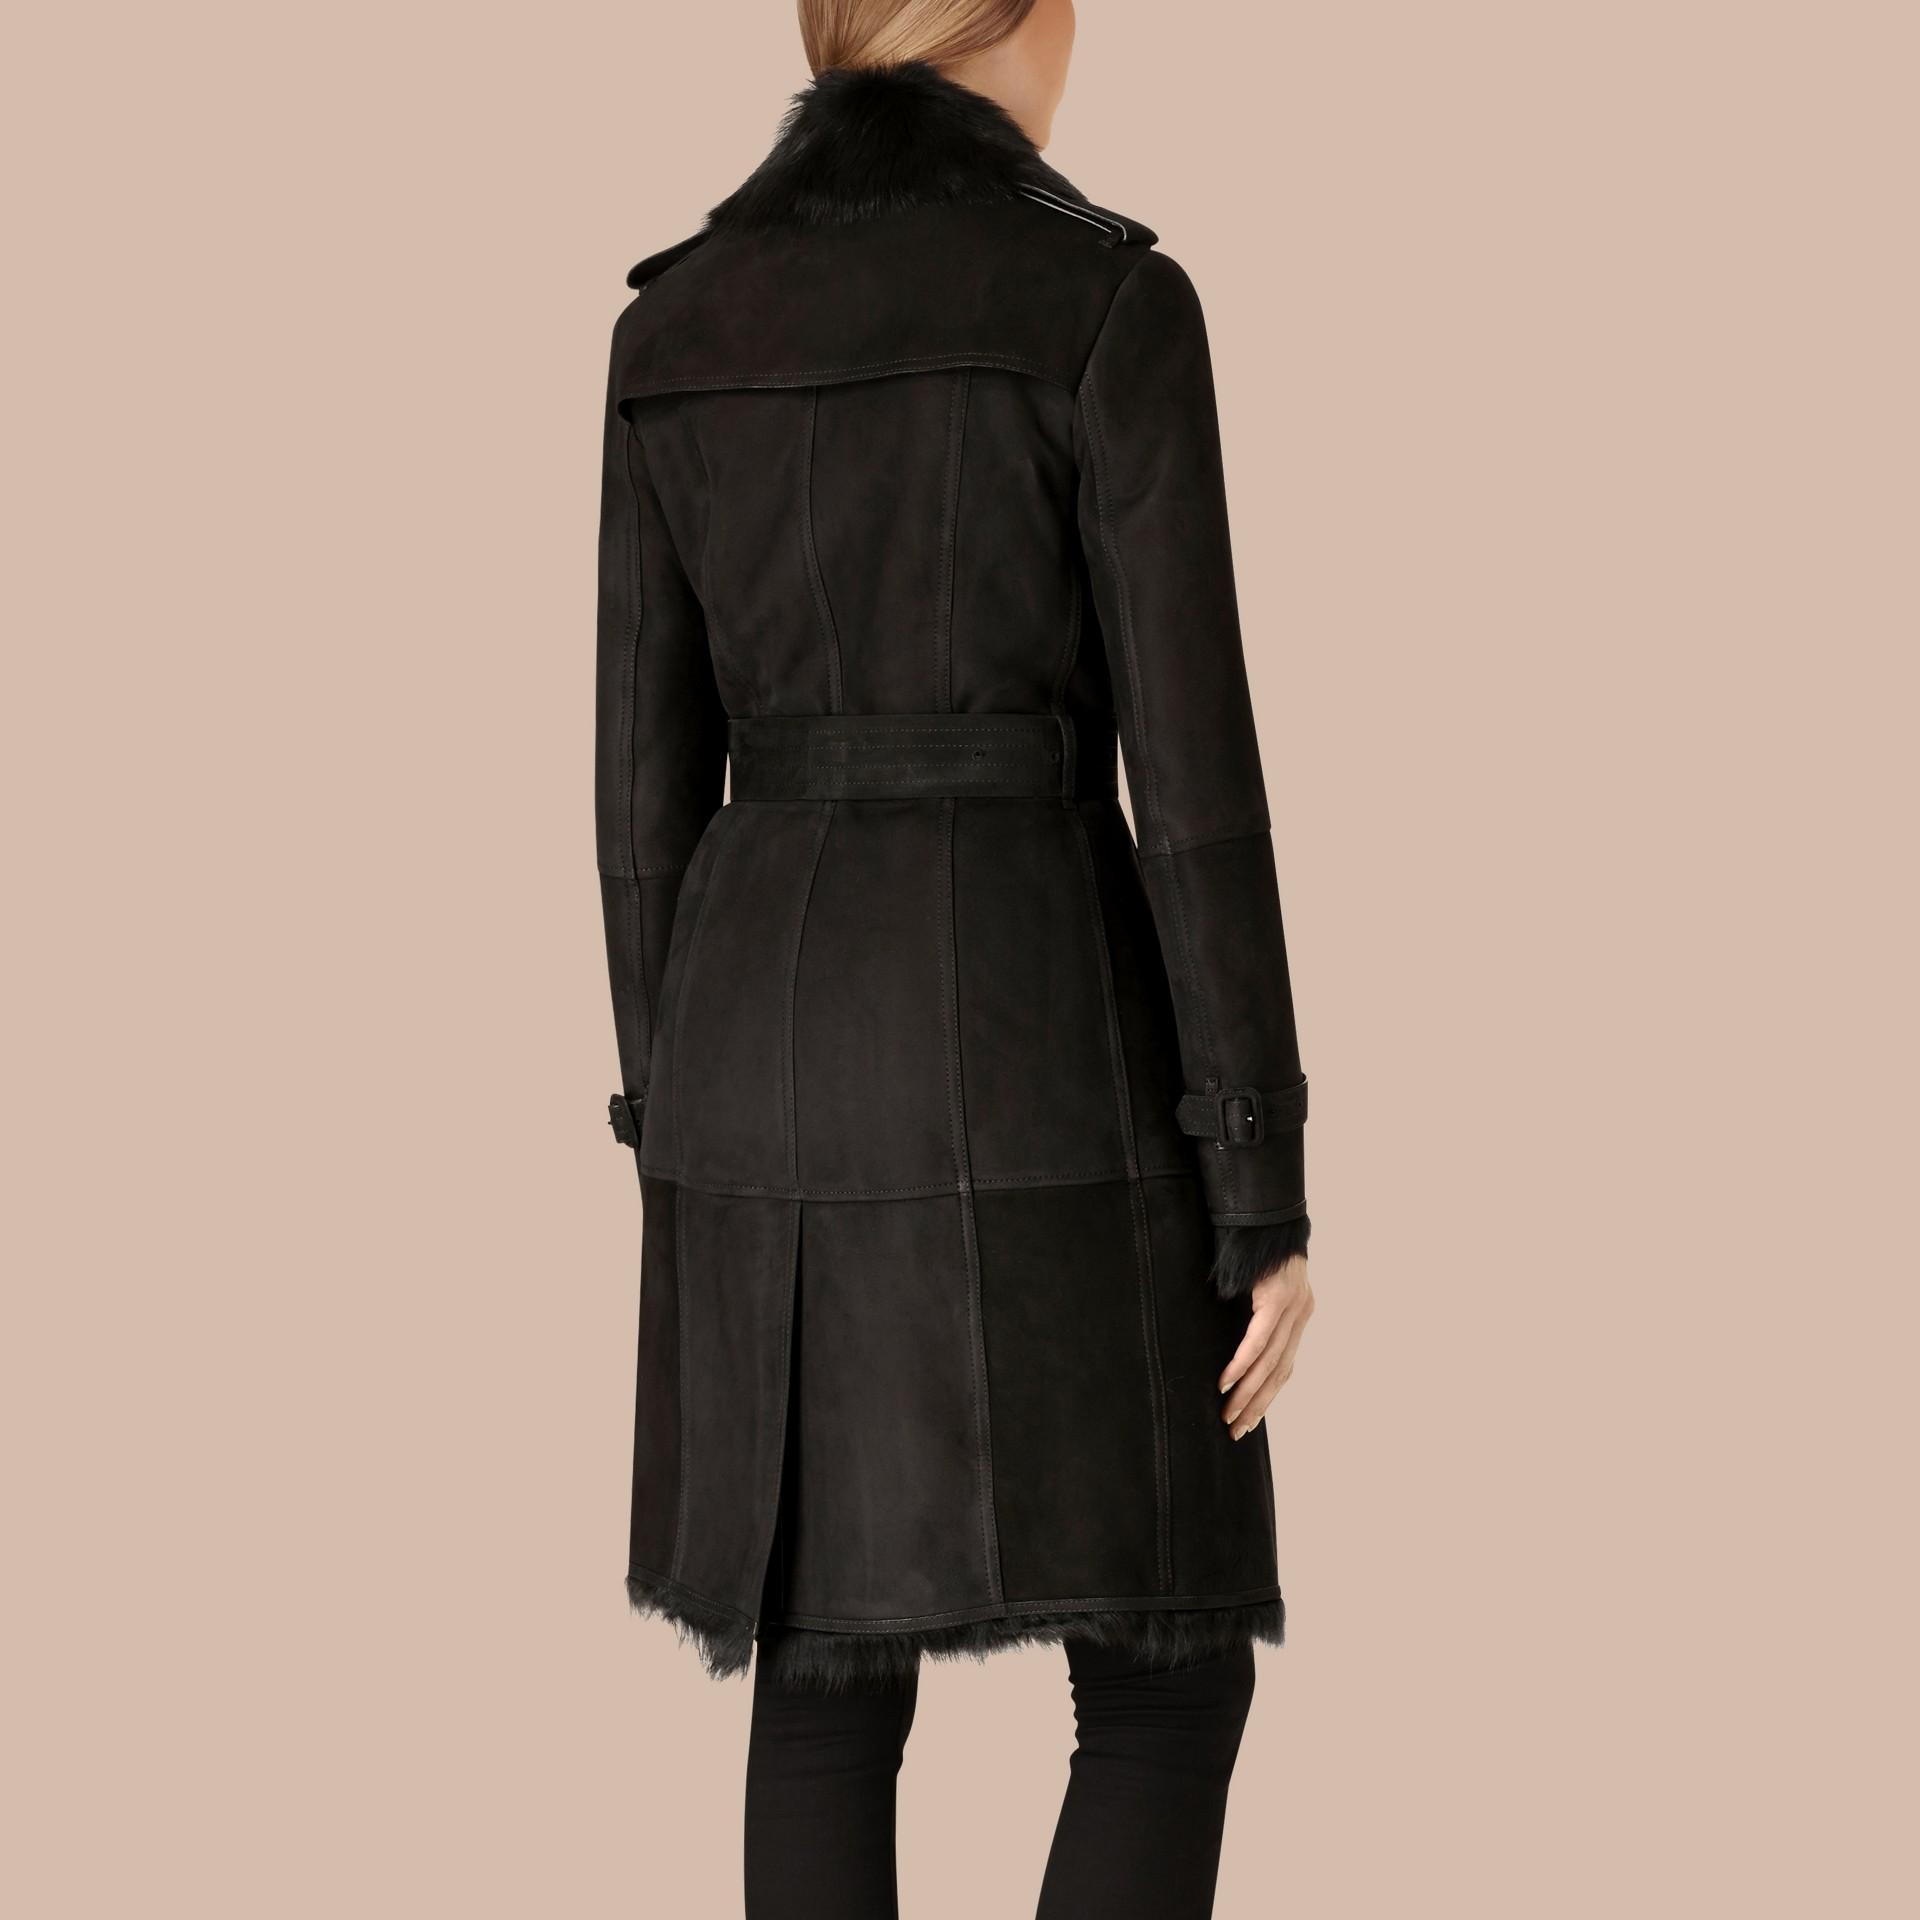 Negro Trench coat en vellón Negro - imagen de la galería 4